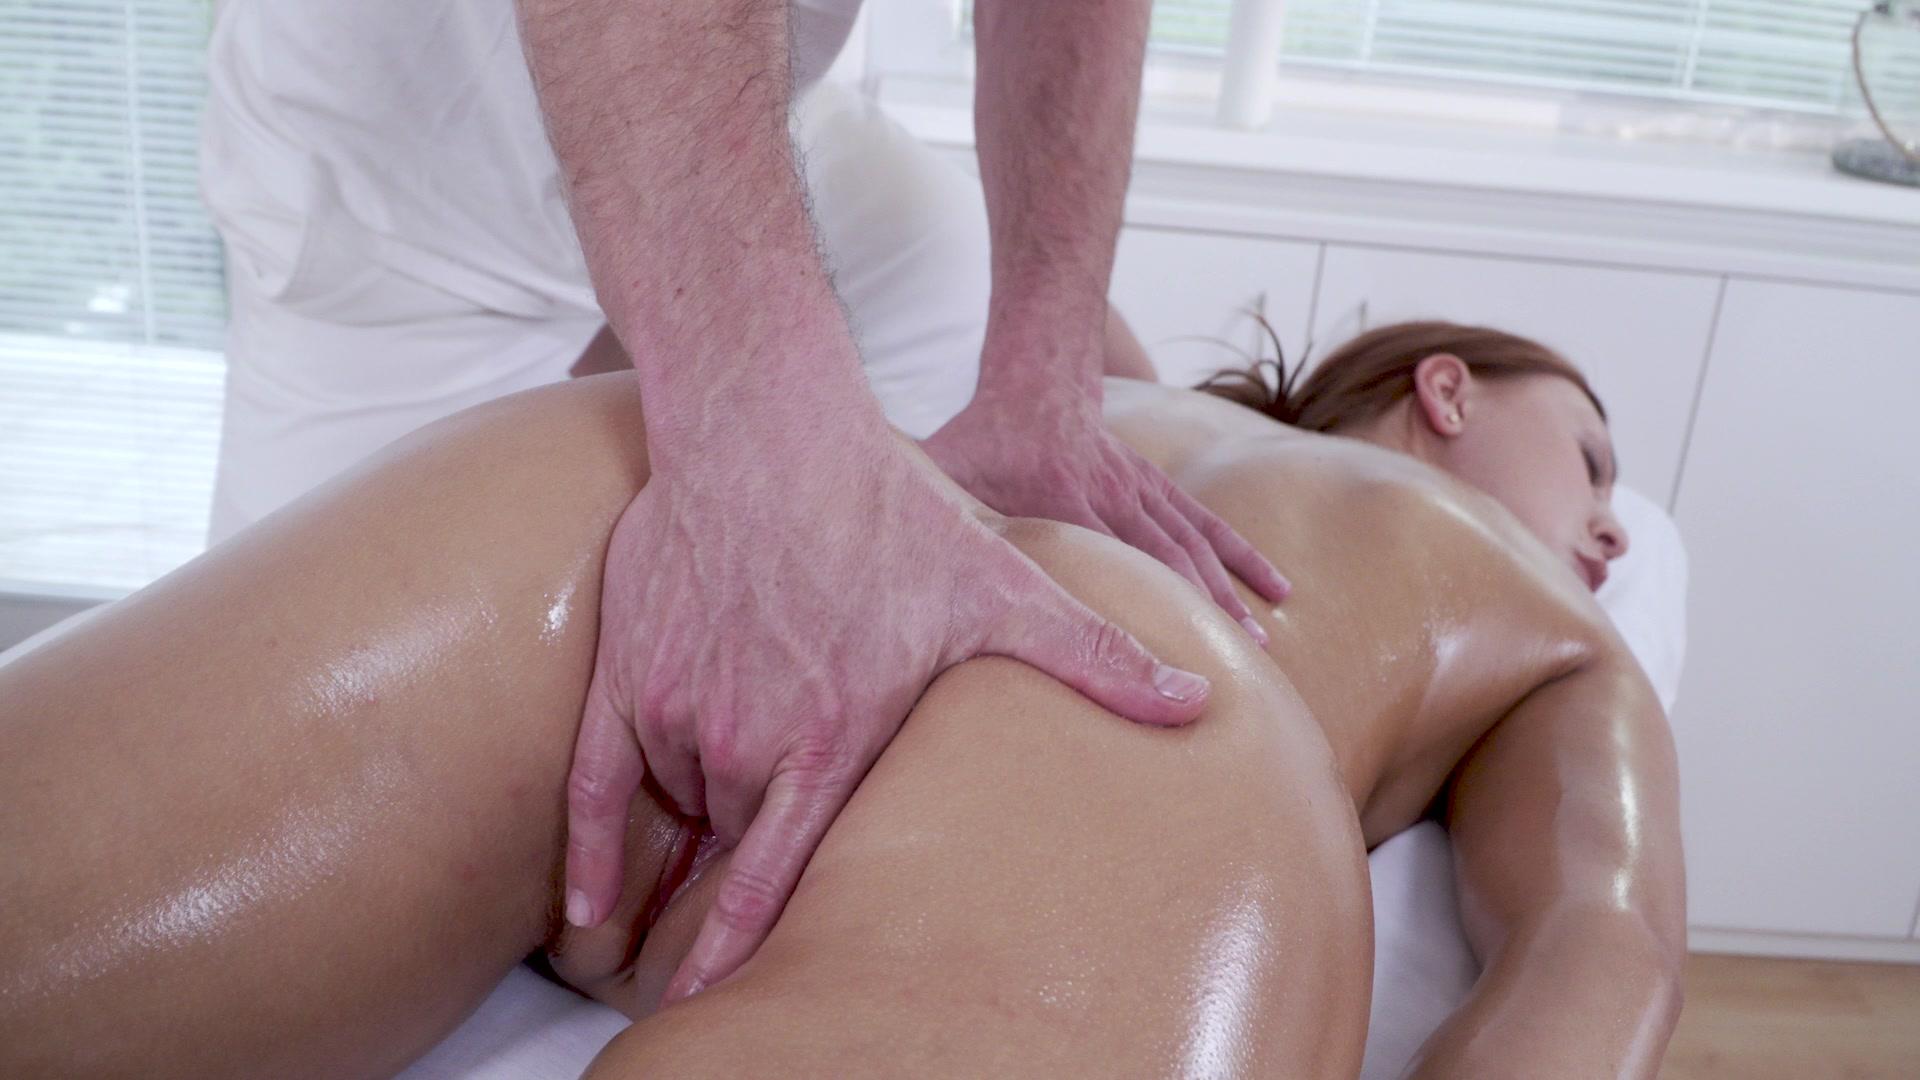 спала, порно массаж русская новинки имена будут